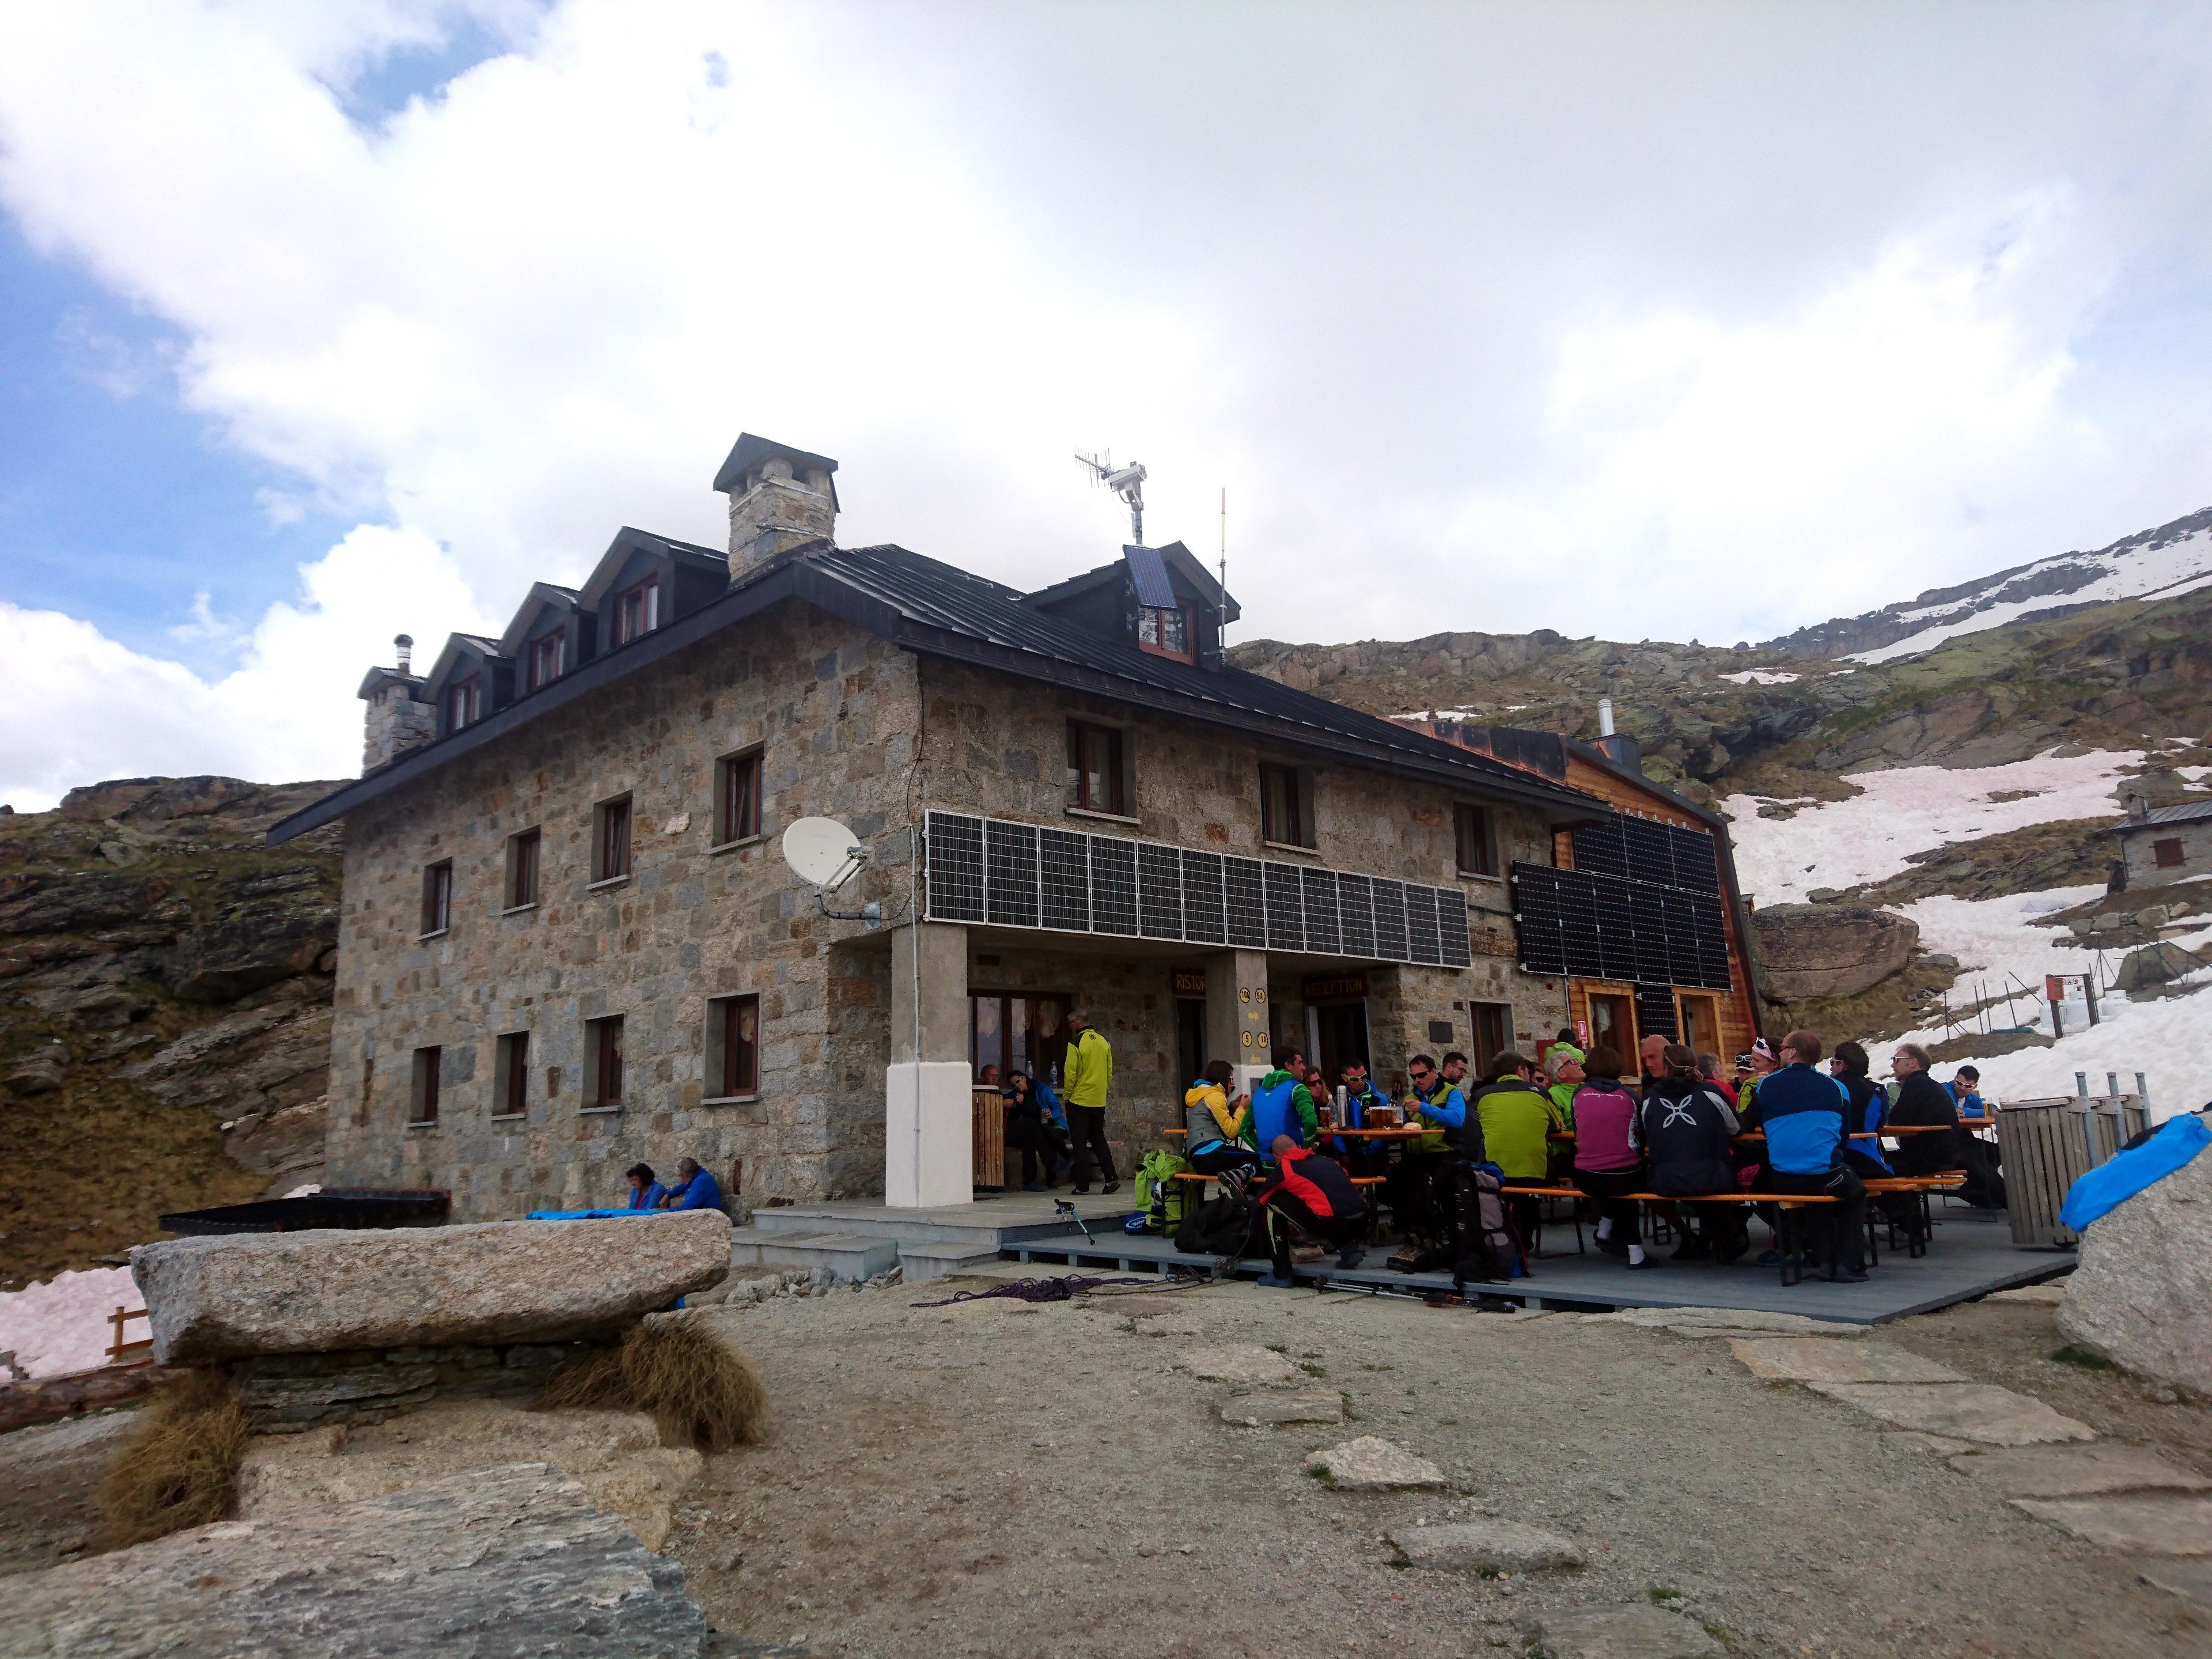 il Rifugio Chabod saturo di alpinisti e scialpinisti: domani in vetta sarà come a Riccione ad agosto!